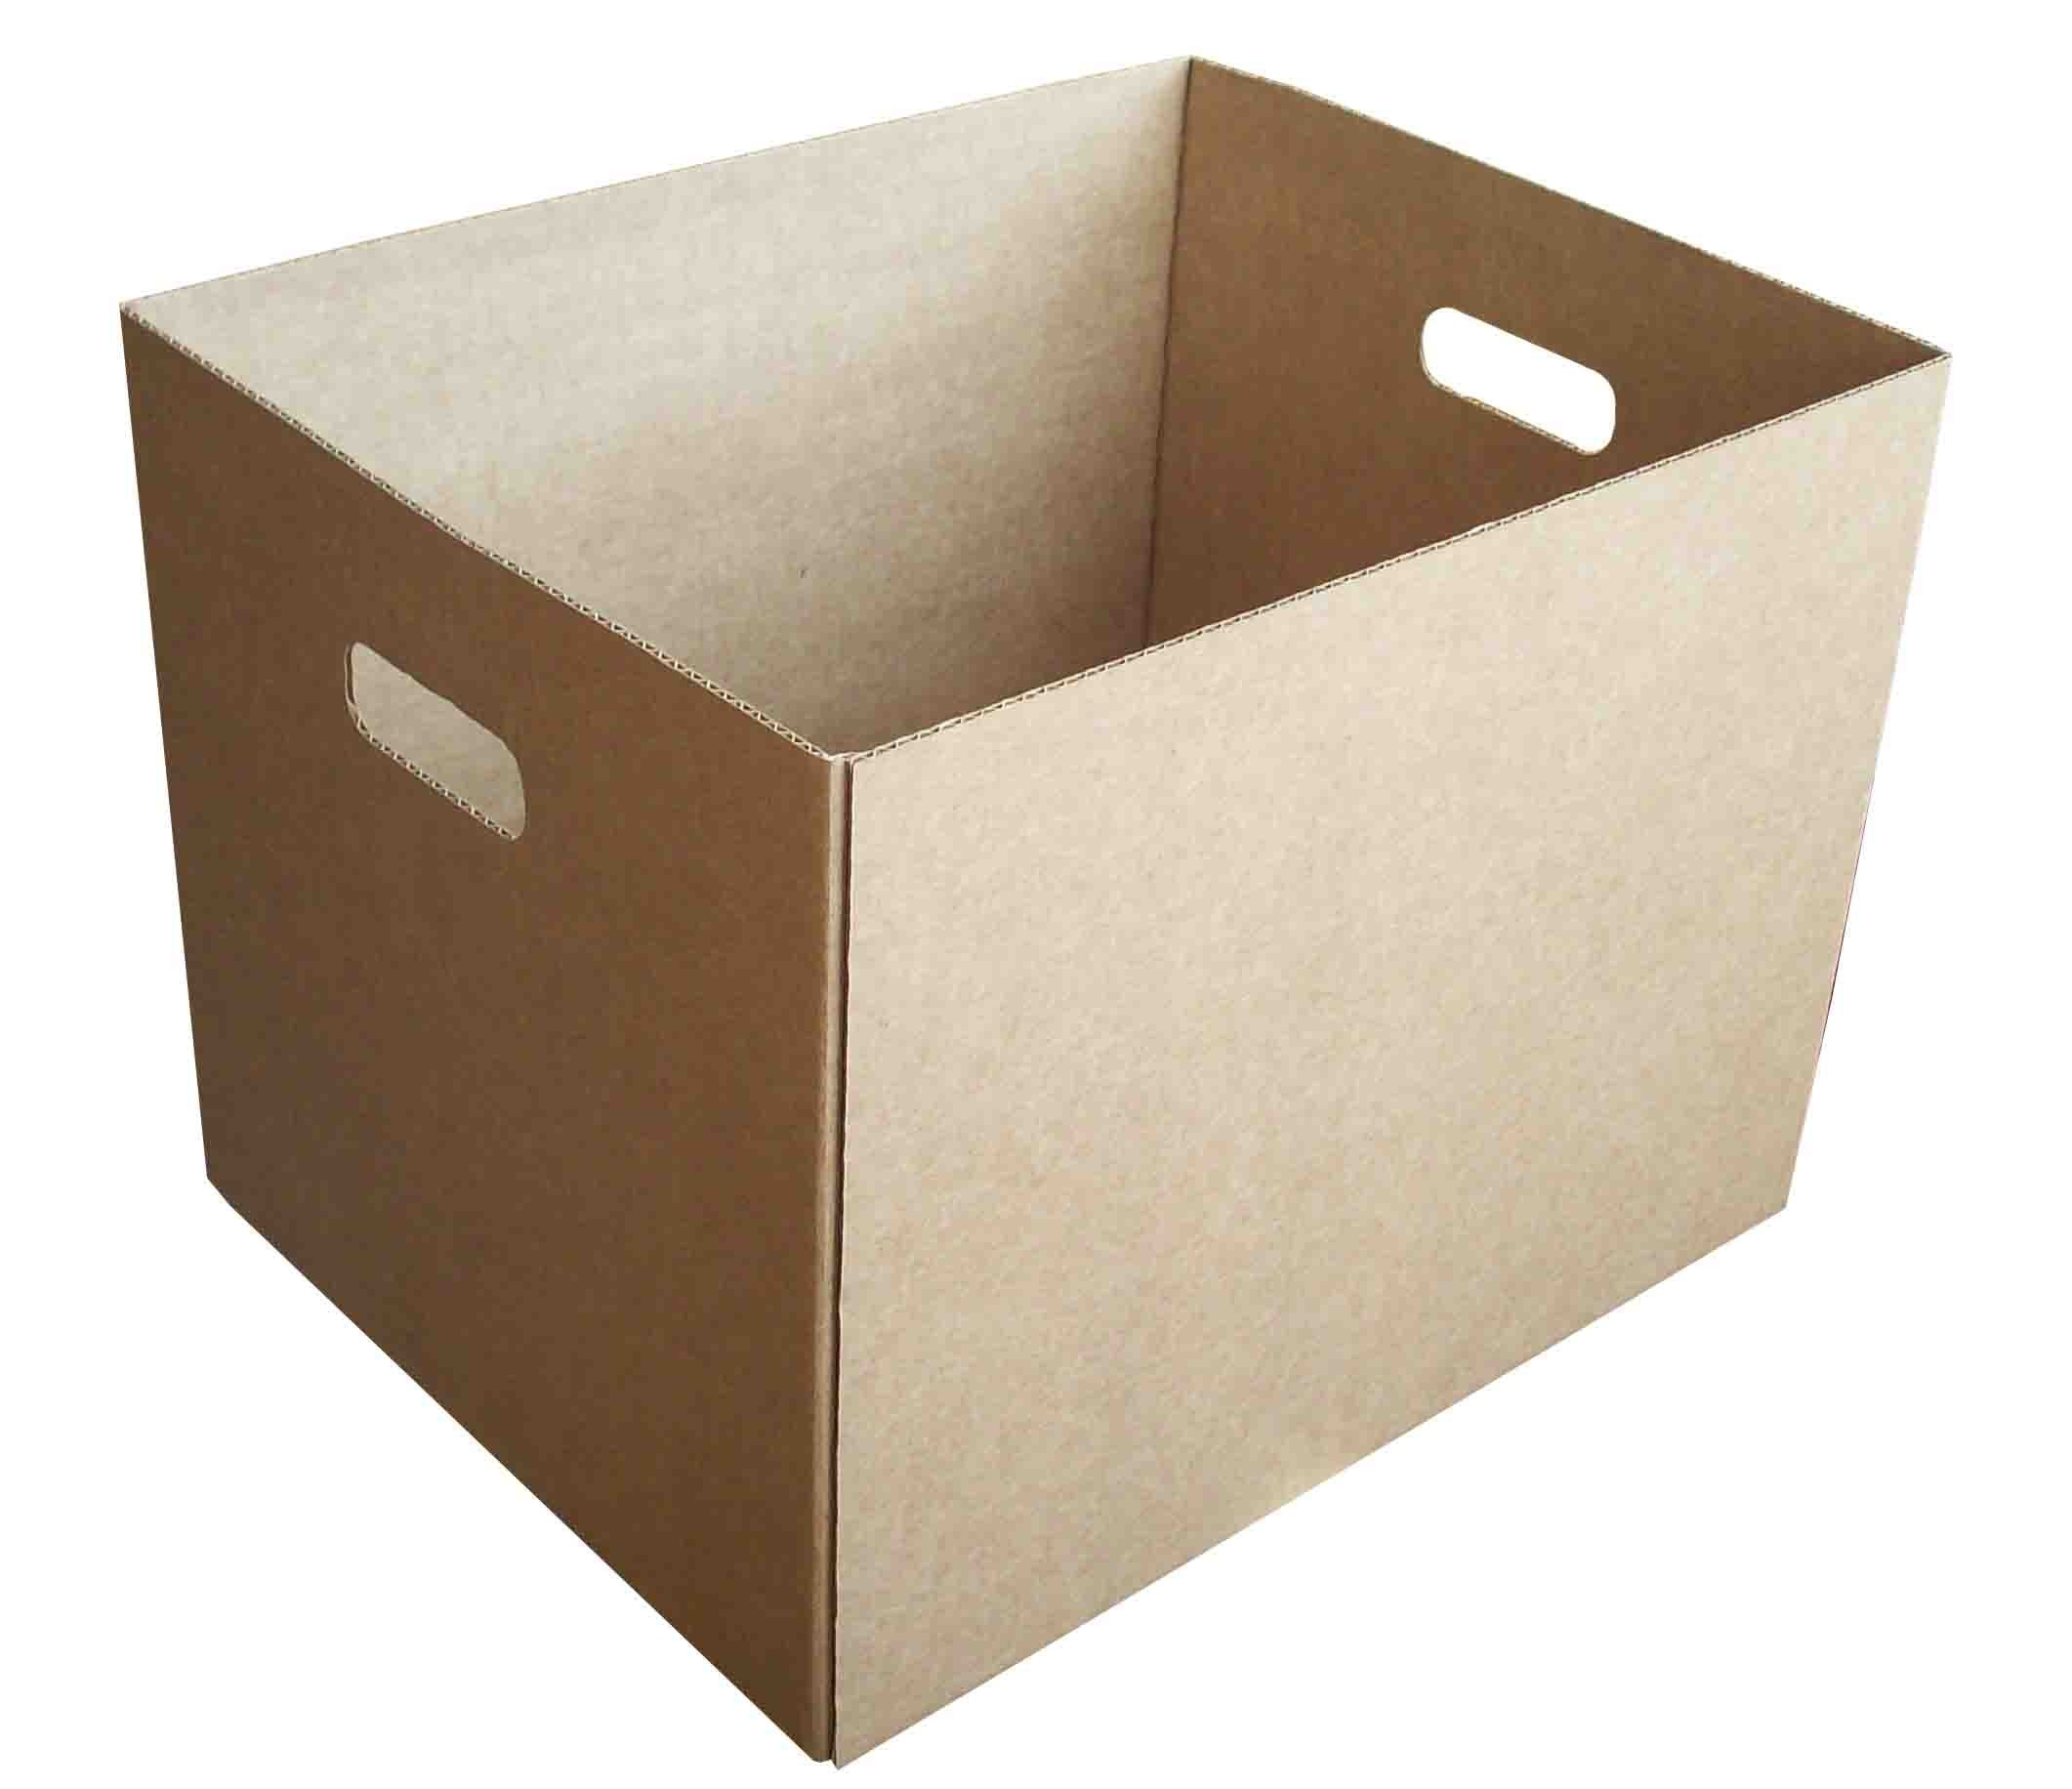 Транспортная коробка с ручками